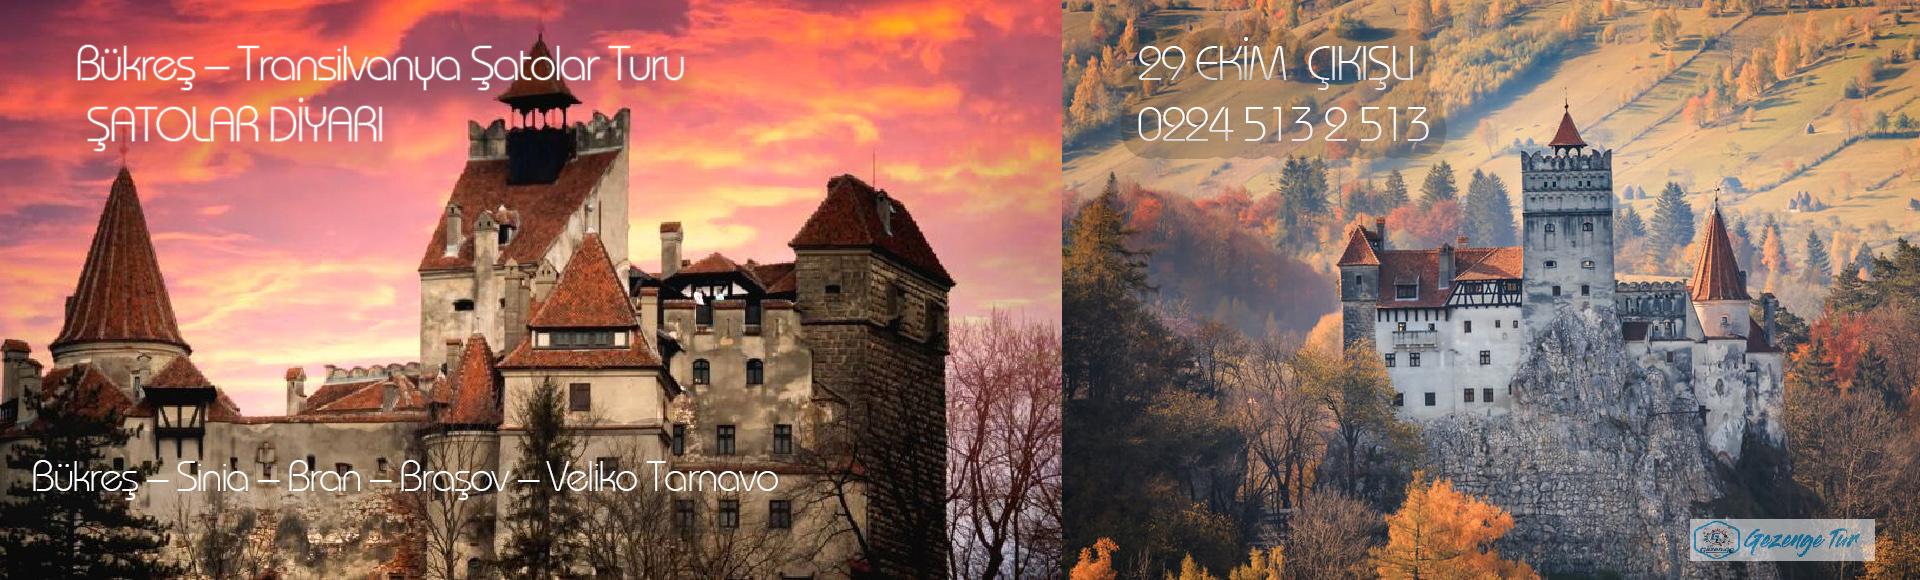 Bükreş – Transilvanya Şatolar Turu